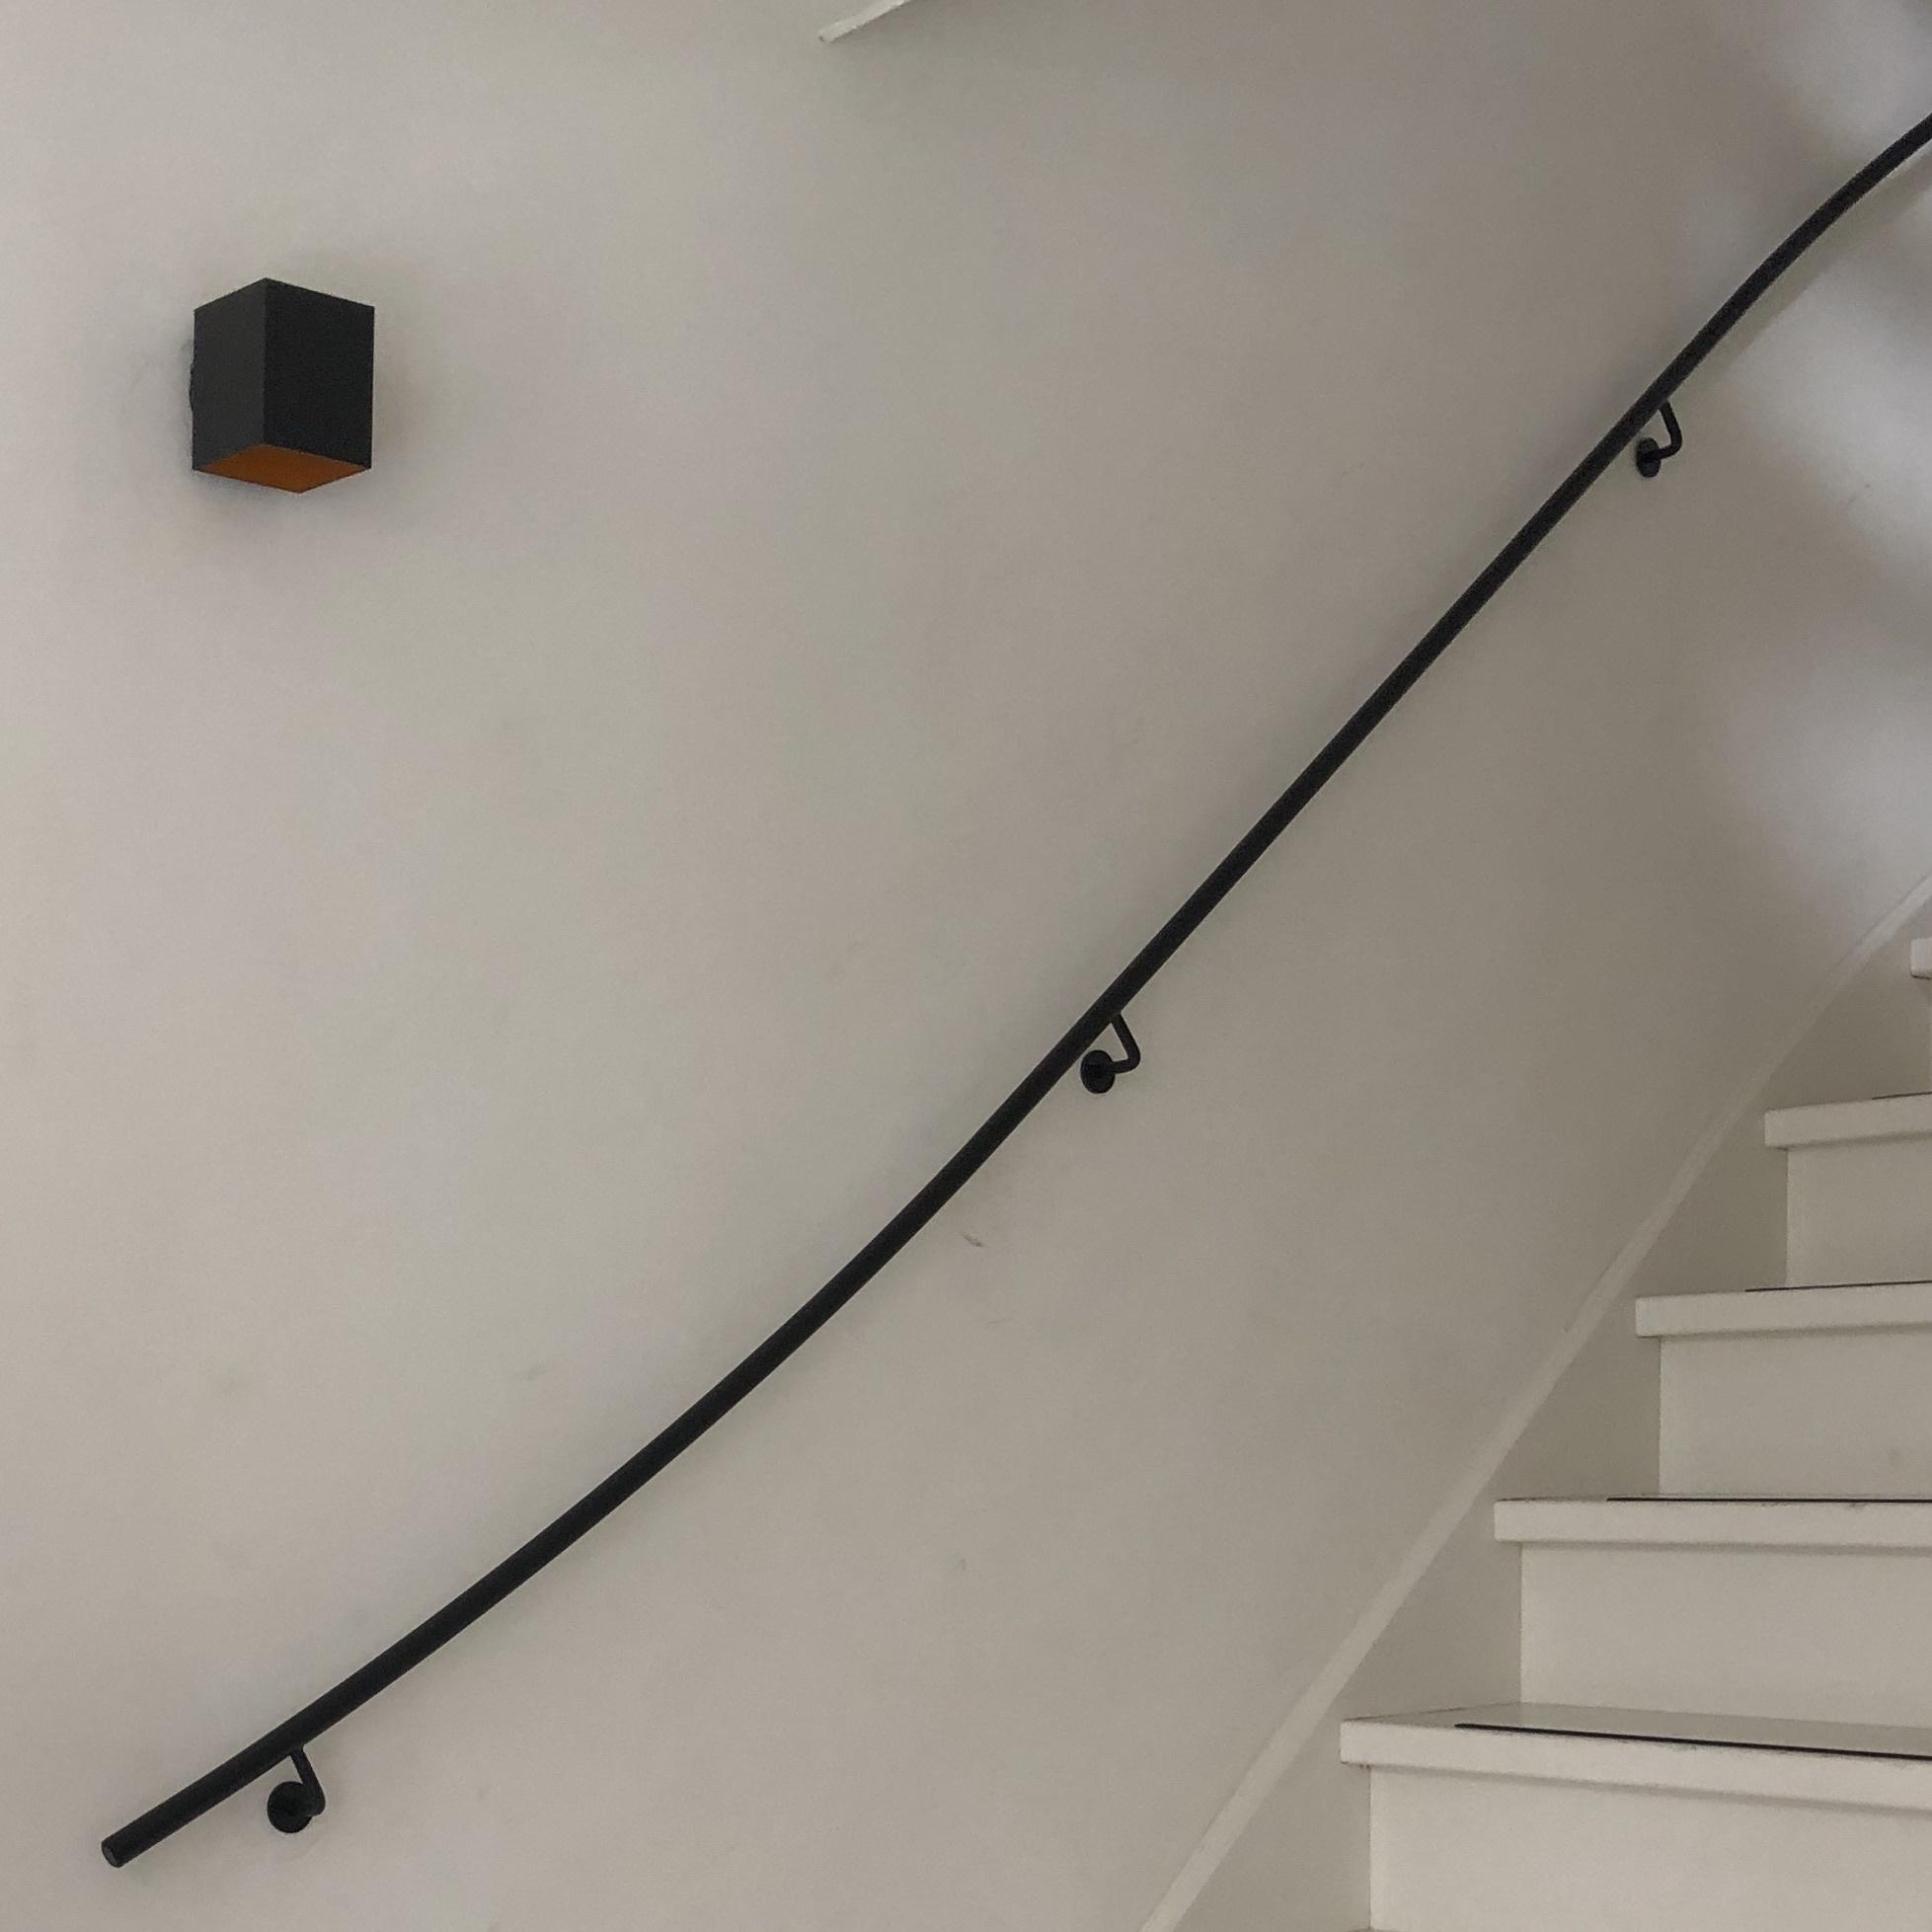 Handlauf Schmiedeeisen rund 20 mm - SCHWARZ beschichtet - Inkl. Handlaufhalter rund - mit Rosette - Runde Gusseisen Treppengeländer - Treppenhandlauf - VOLLSTÄNDIG GESCHWEIßT - Blaustahl /  Eisen mit transparanten Pulverbeschichtung